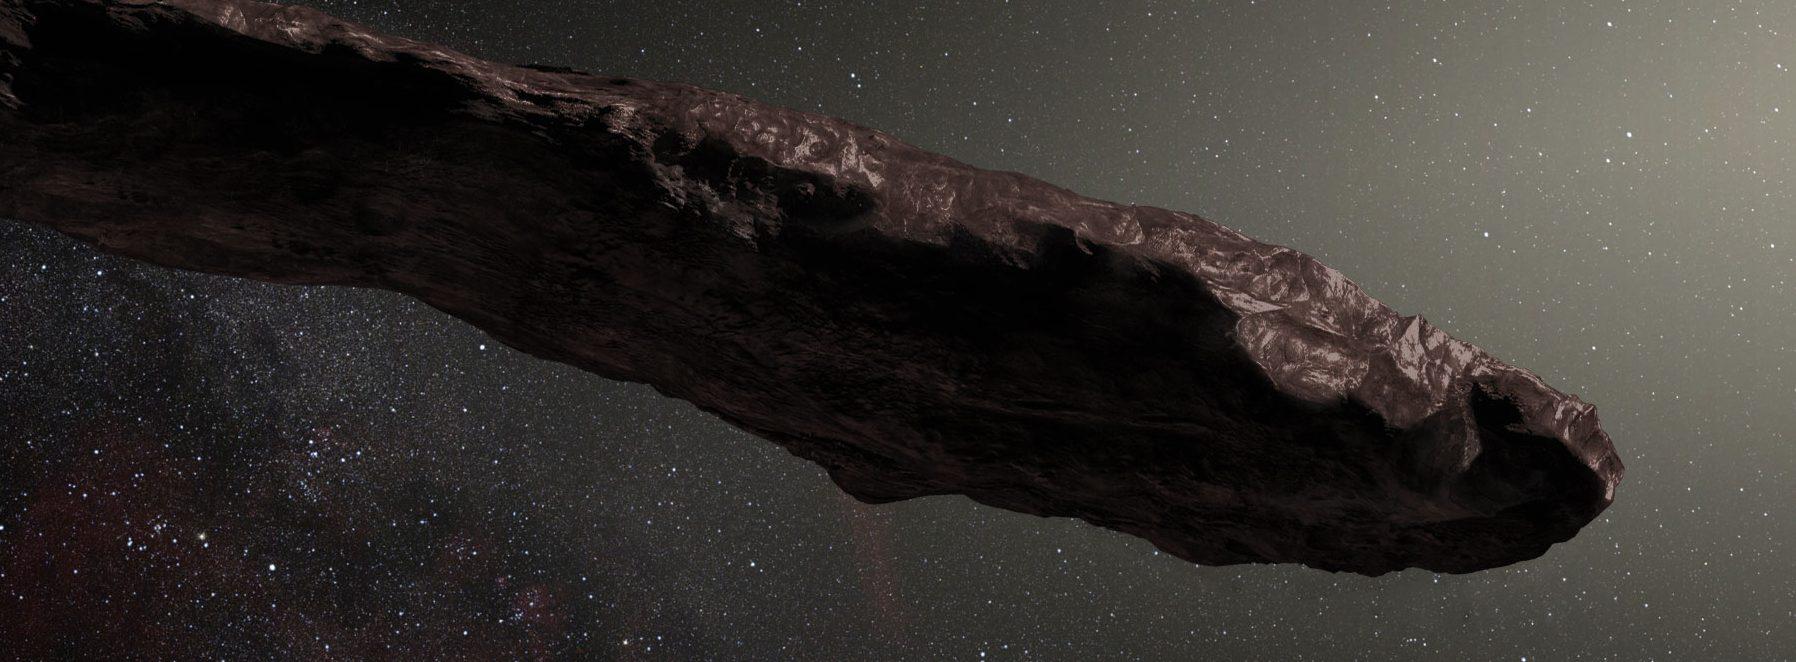 Oumuamua, un extraño caso dentro de los objetos estelares